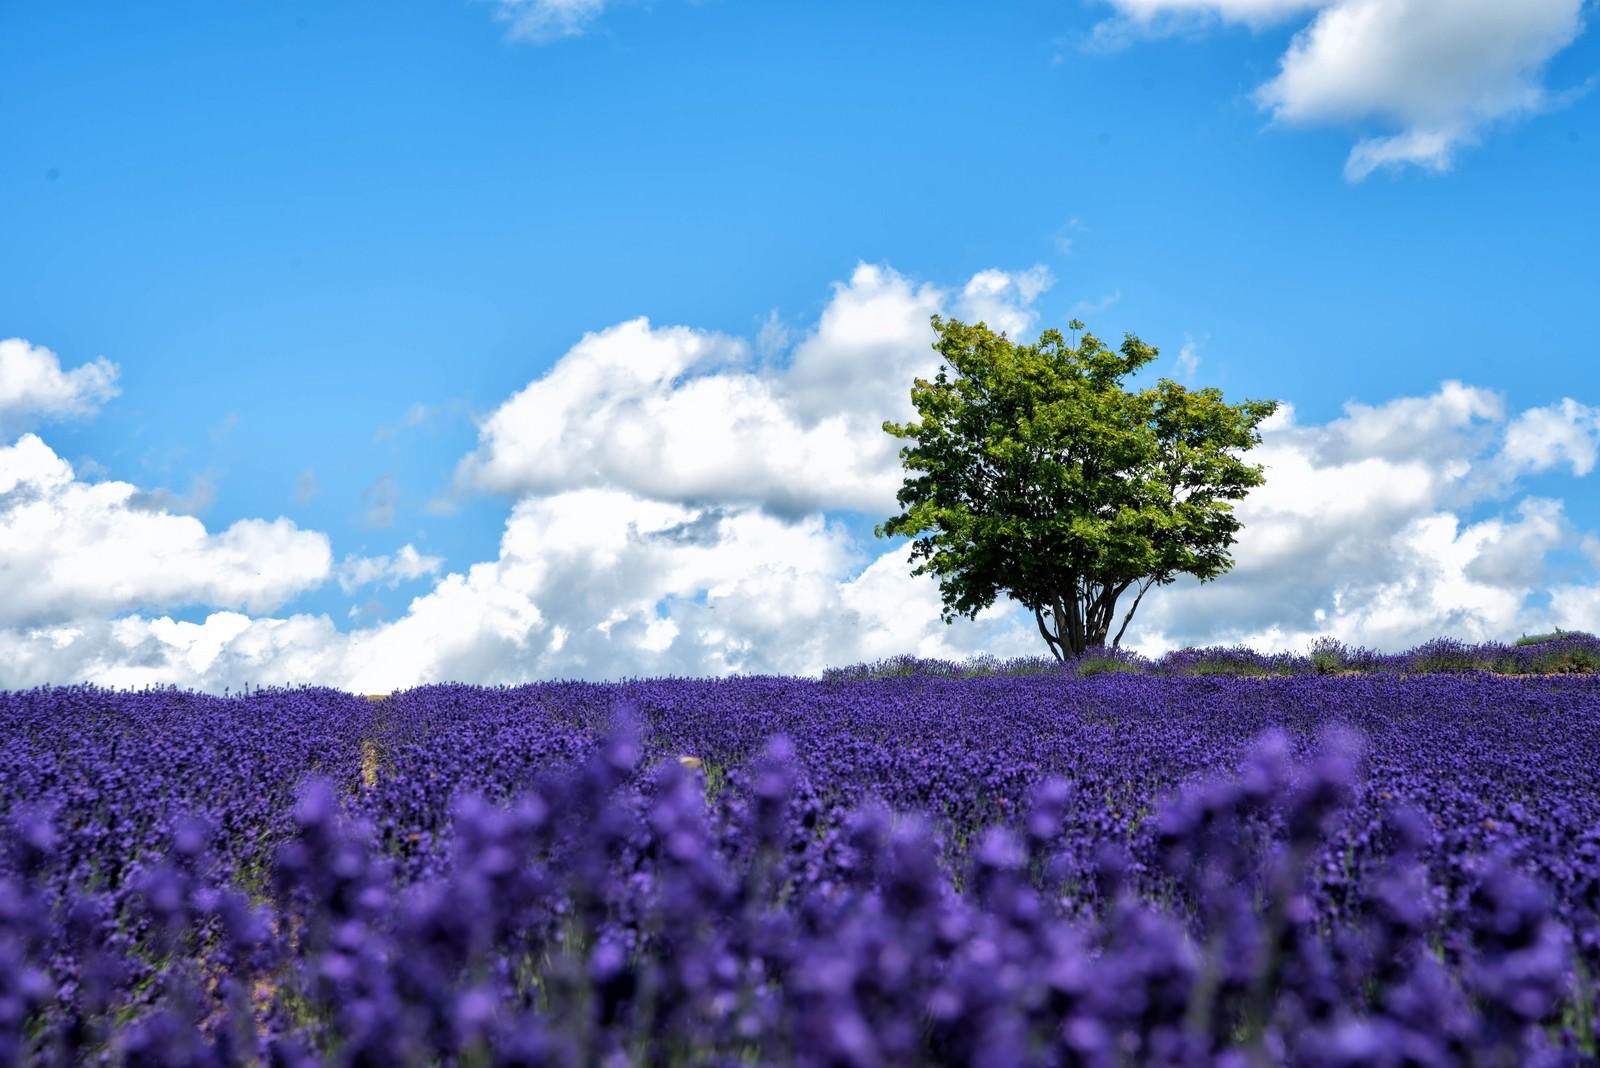 「北海道のラベンダー畑に立つ大きな木」の写真